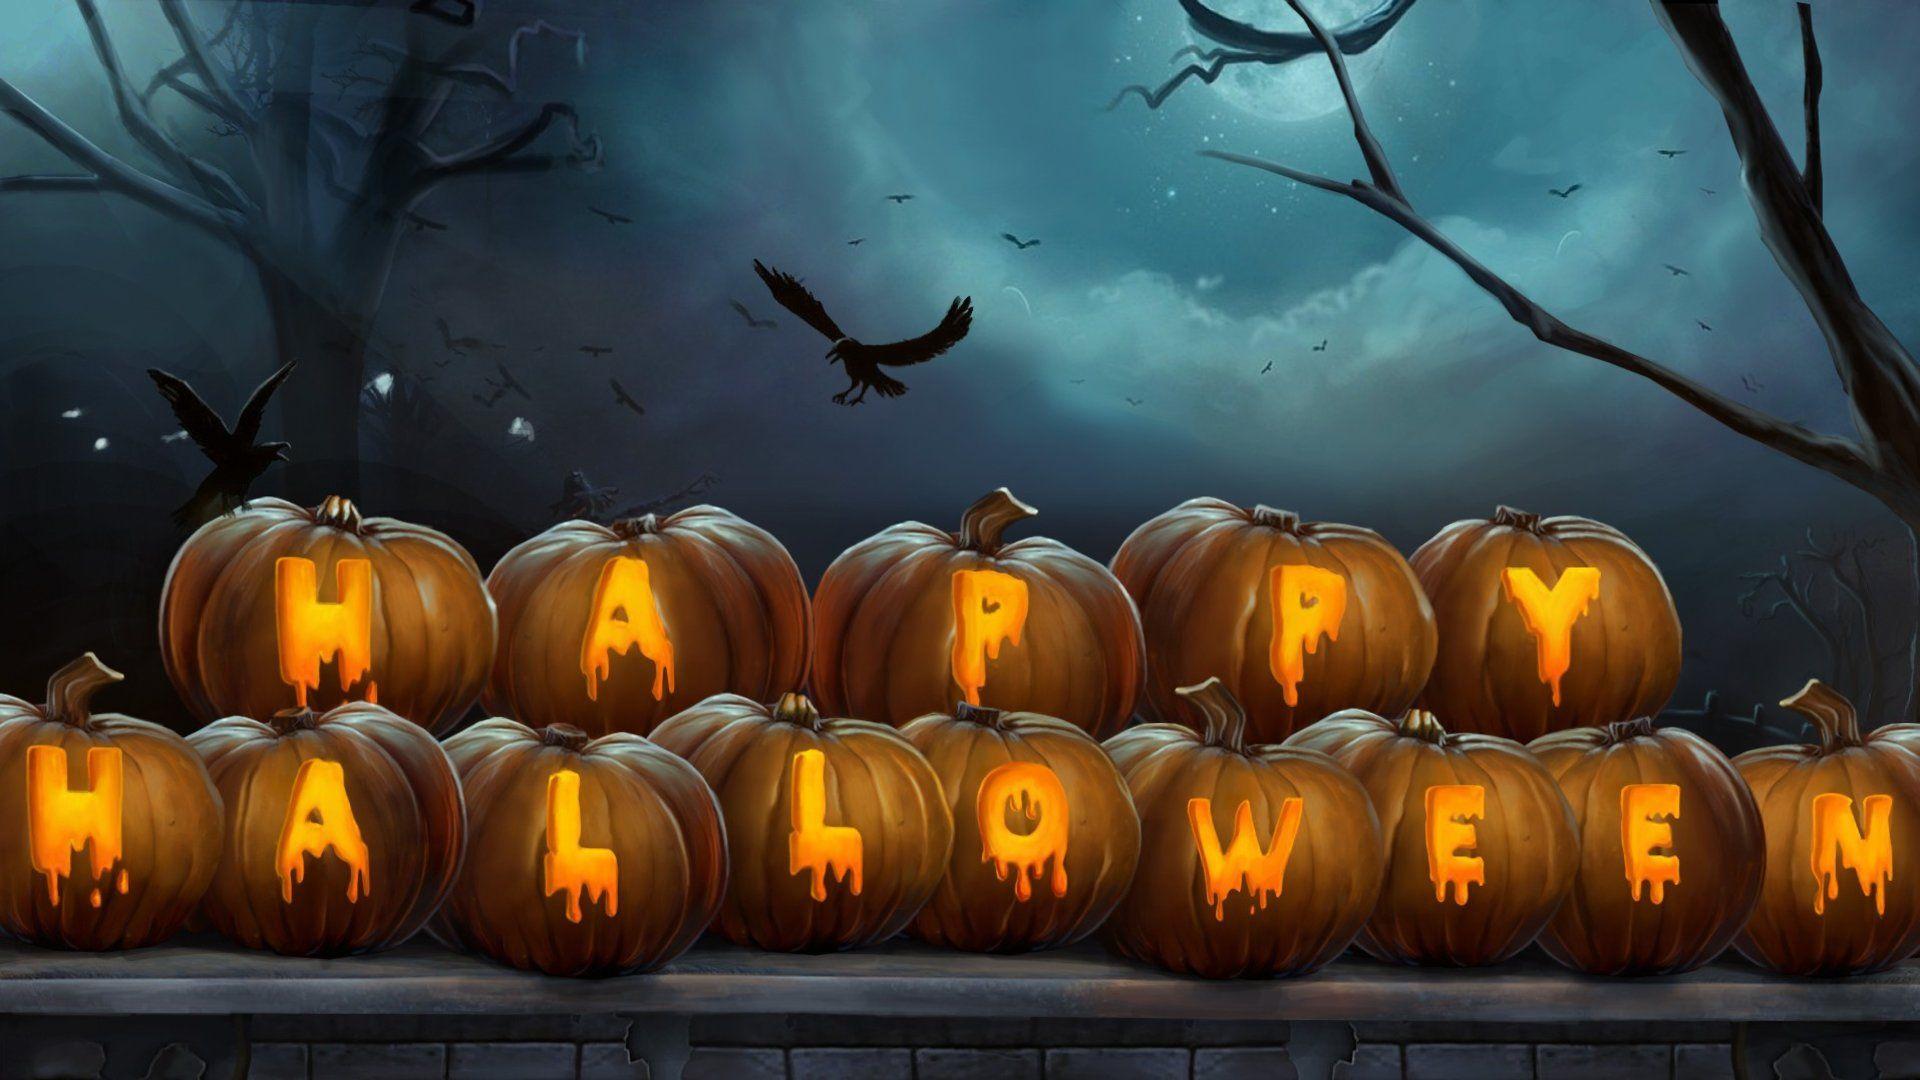 Halloween Images Halloween Desktop Wallpaper Halloween Images Free Halloween Wallpaper